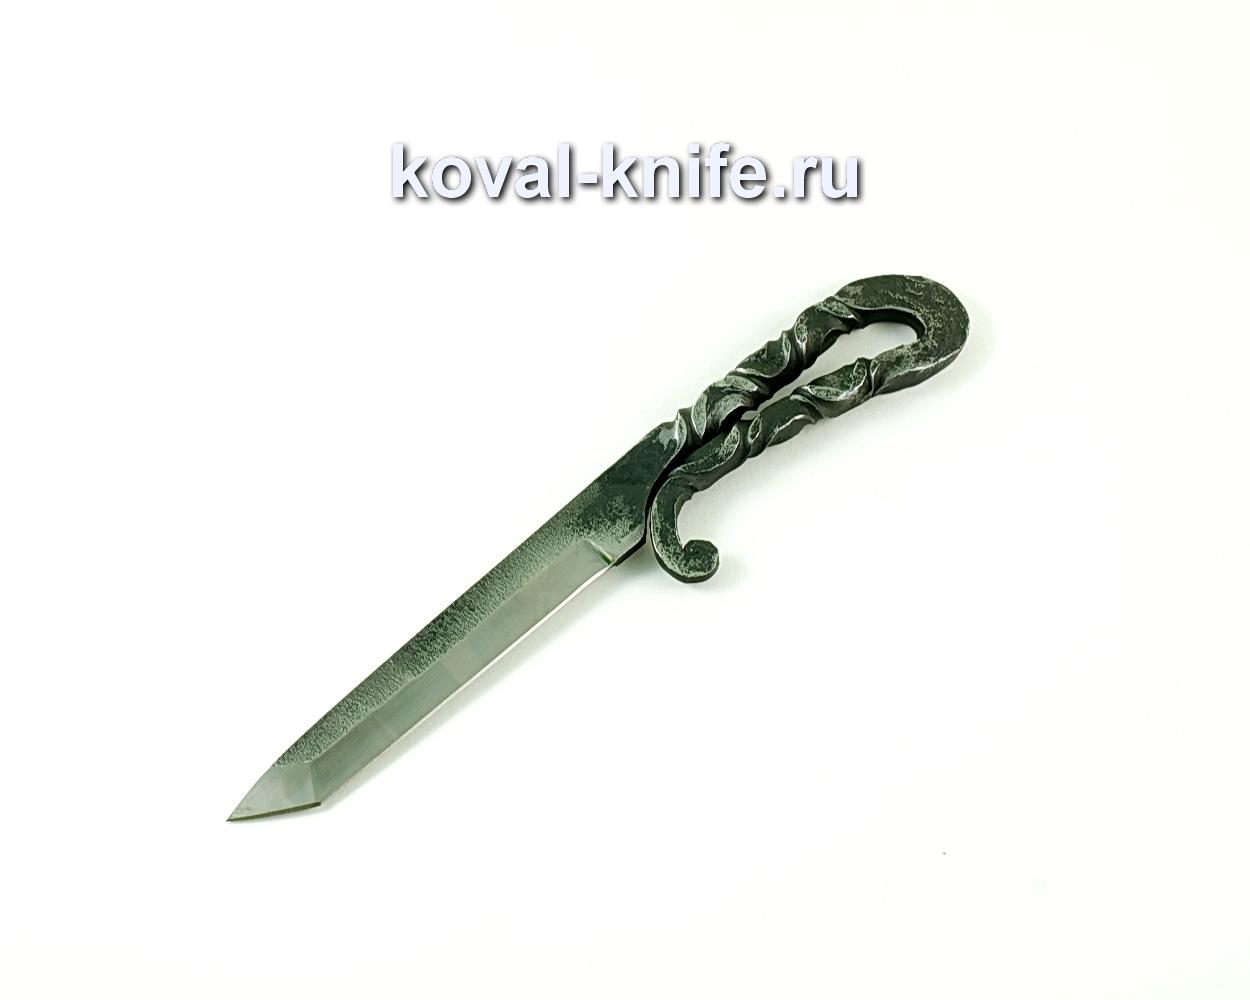 Нож Кобун (сталь 95х18), рукоять сталь 95х18 A162